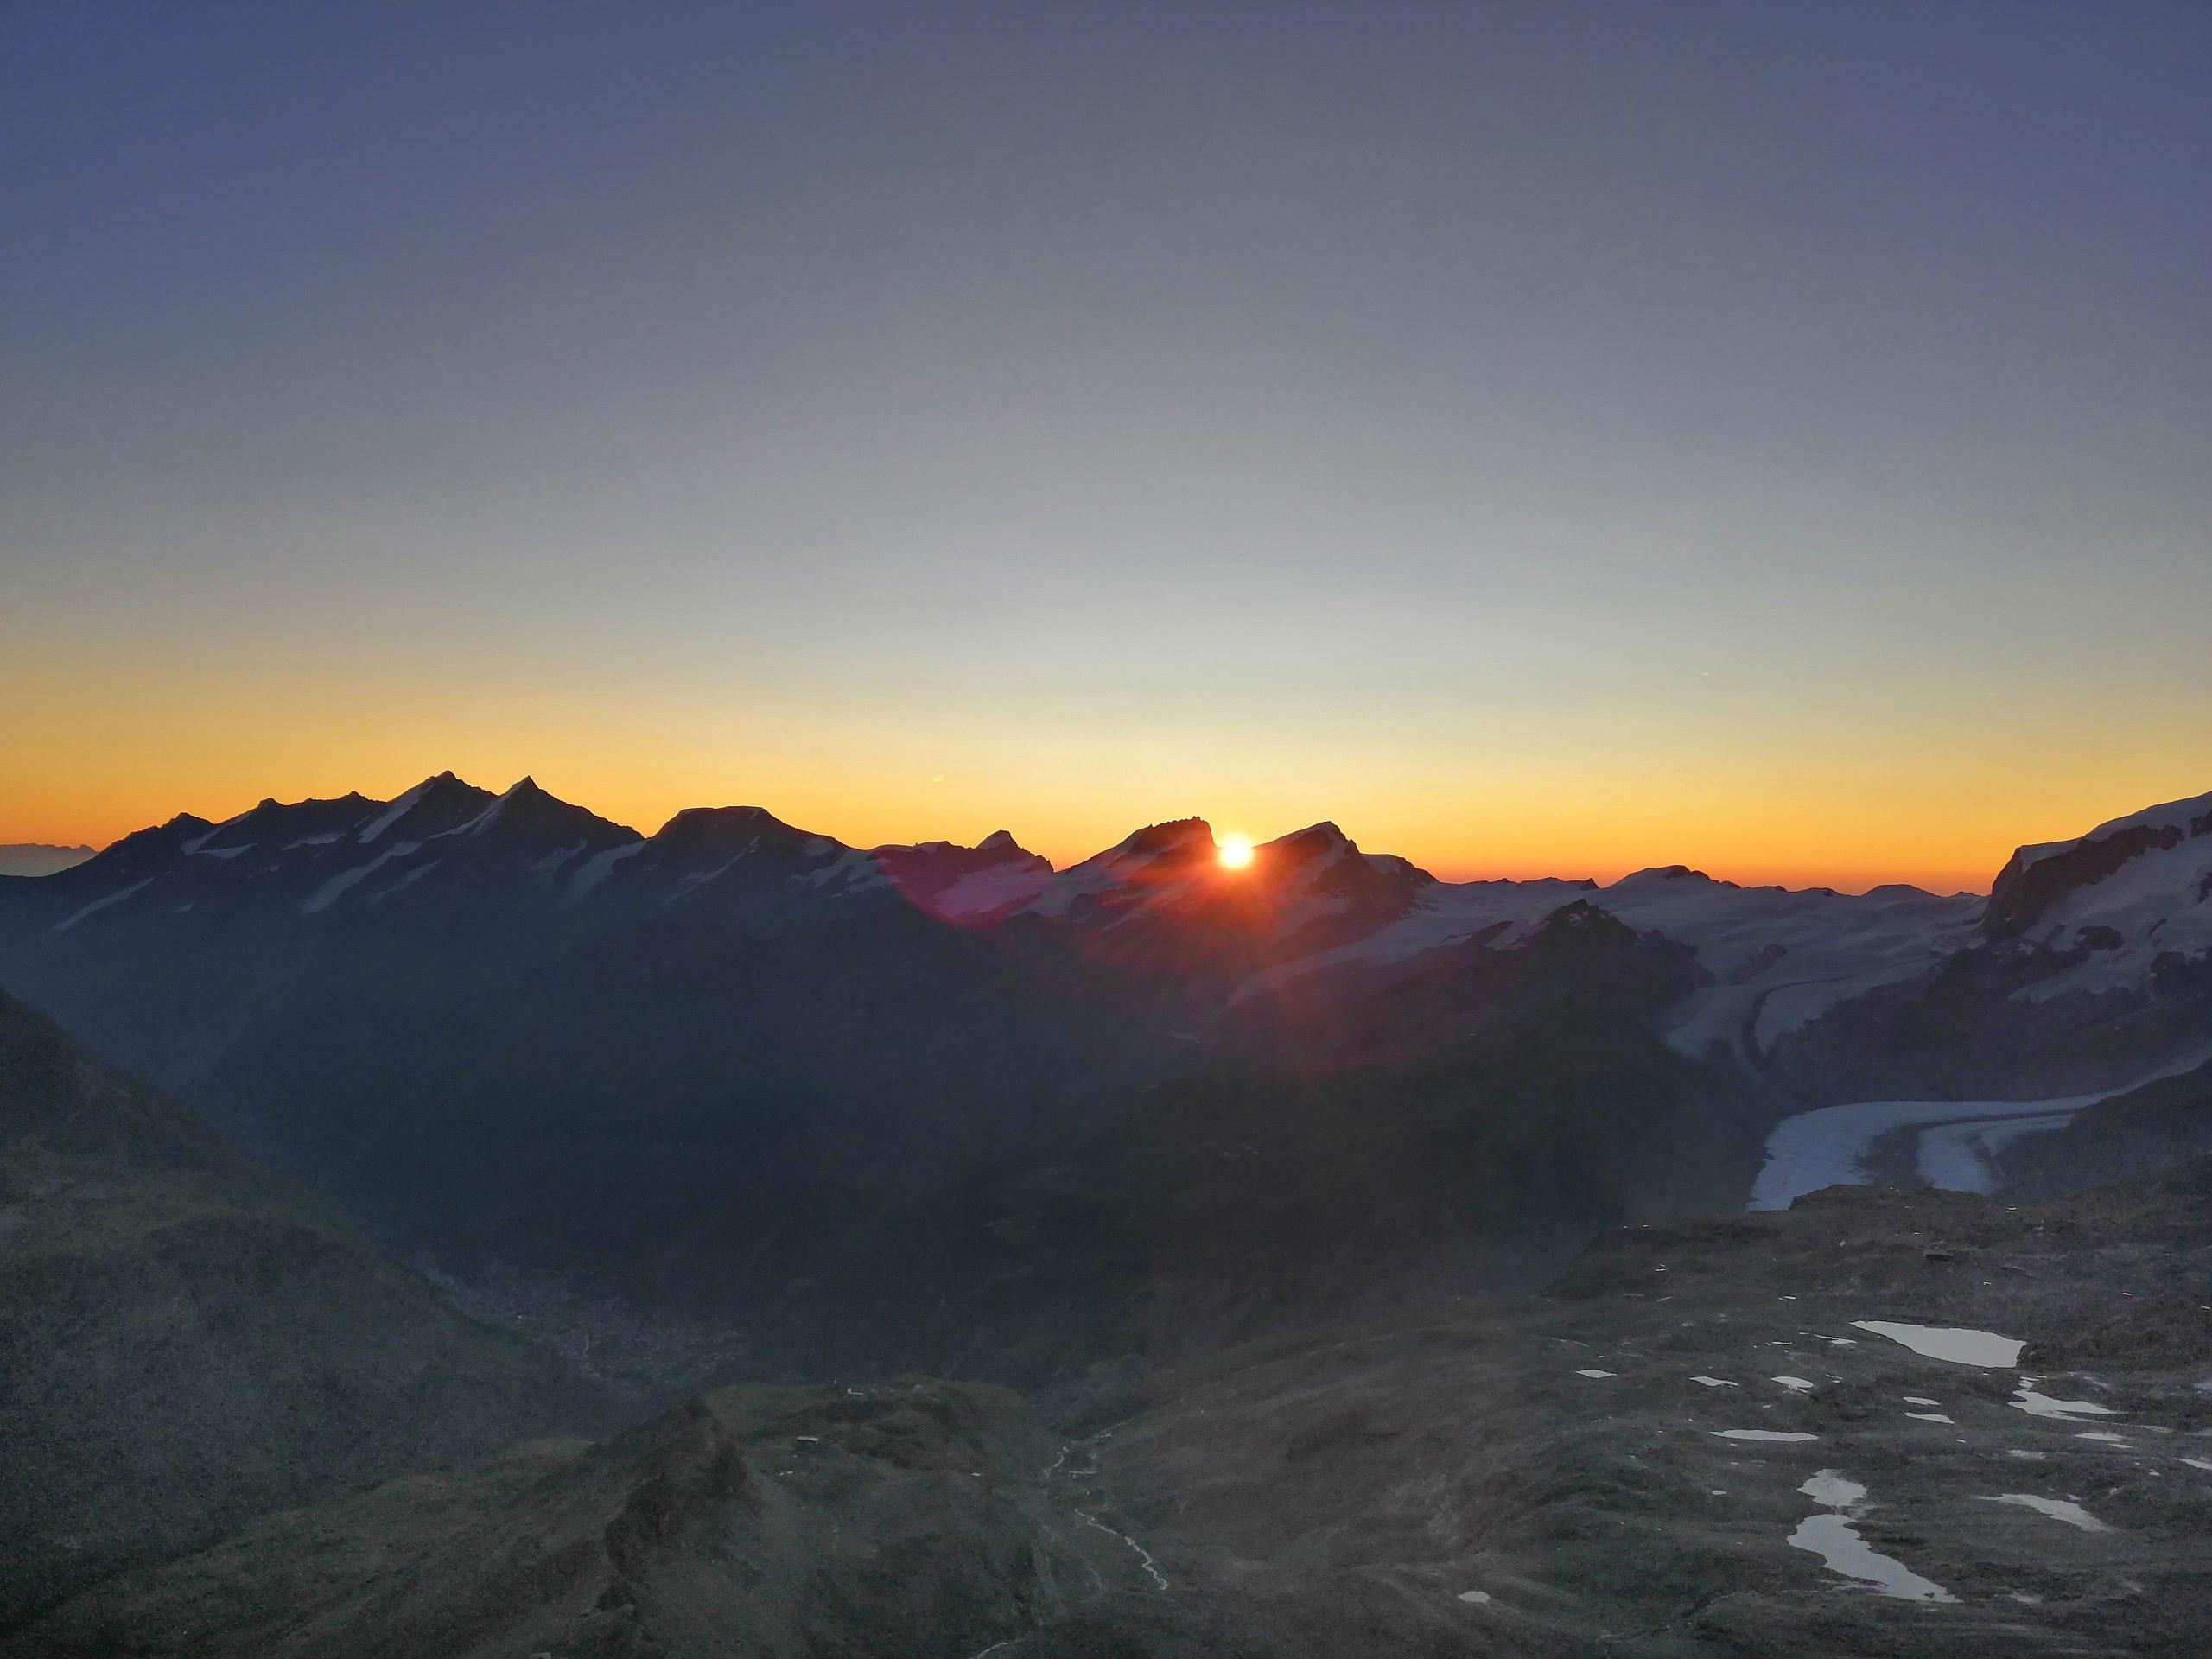 La magia dell'alba vista in quota